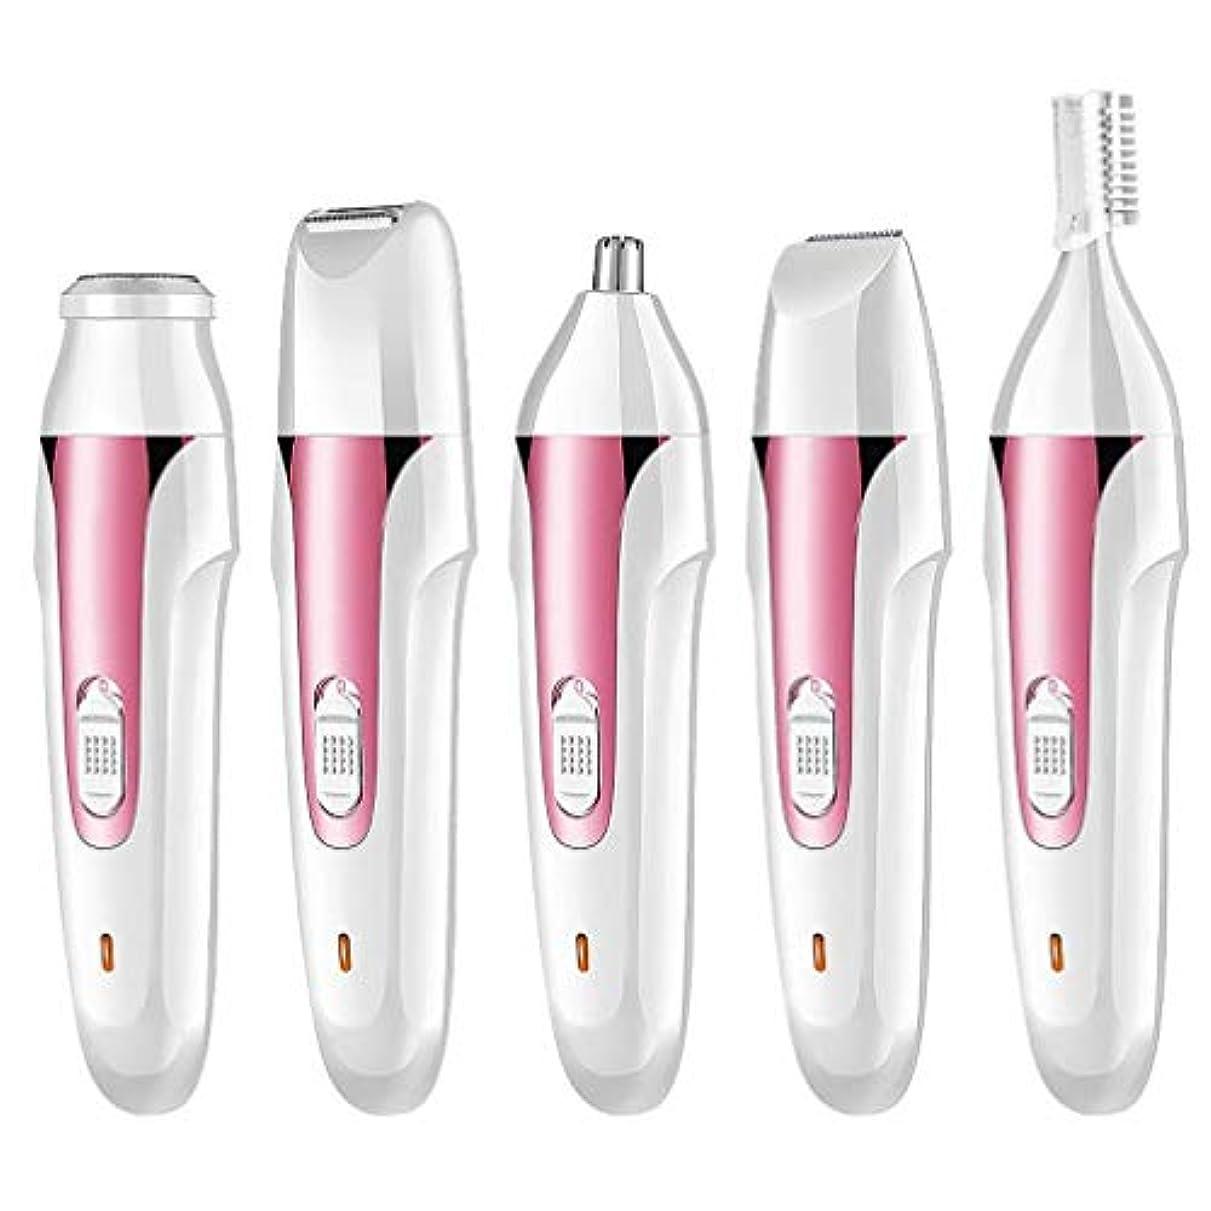 とティーム絡まる理論電動鼻毛トリマー - USB充電器、電動脱毛器具、シェービングナイフ、リップヘア、眉毛形削りナイフ、5つ1つ、ユニセックス、 (Color : Pink)